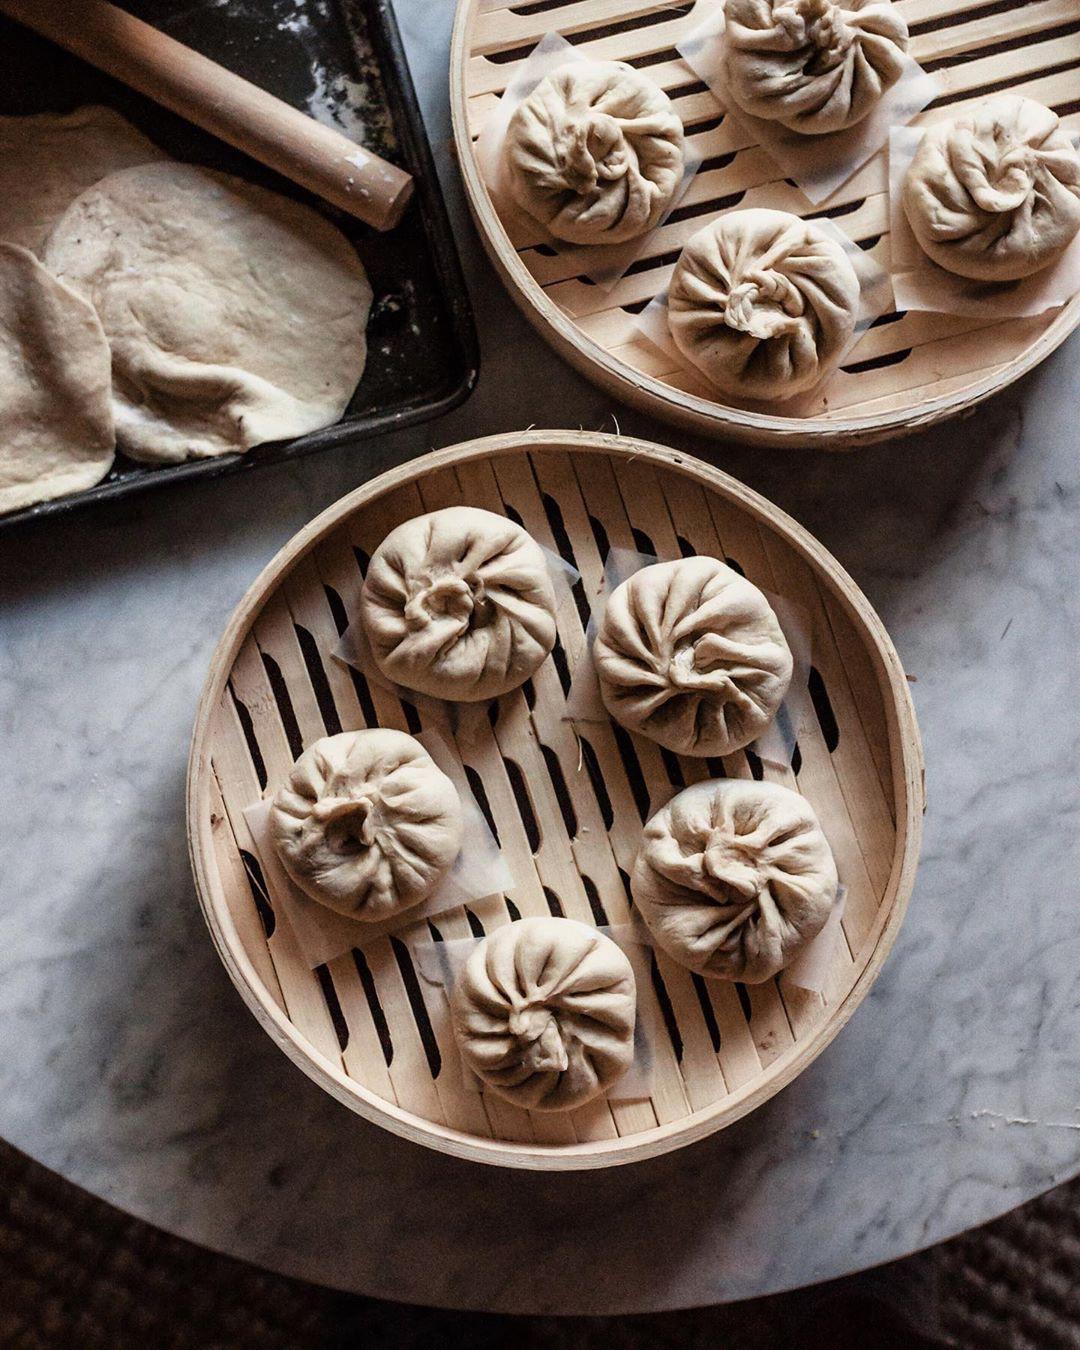 Nằm lòng 7 món ăn vặt siêu hấp dẫn cho team du lịch quét sập Hong Kong - Ảnh 9.